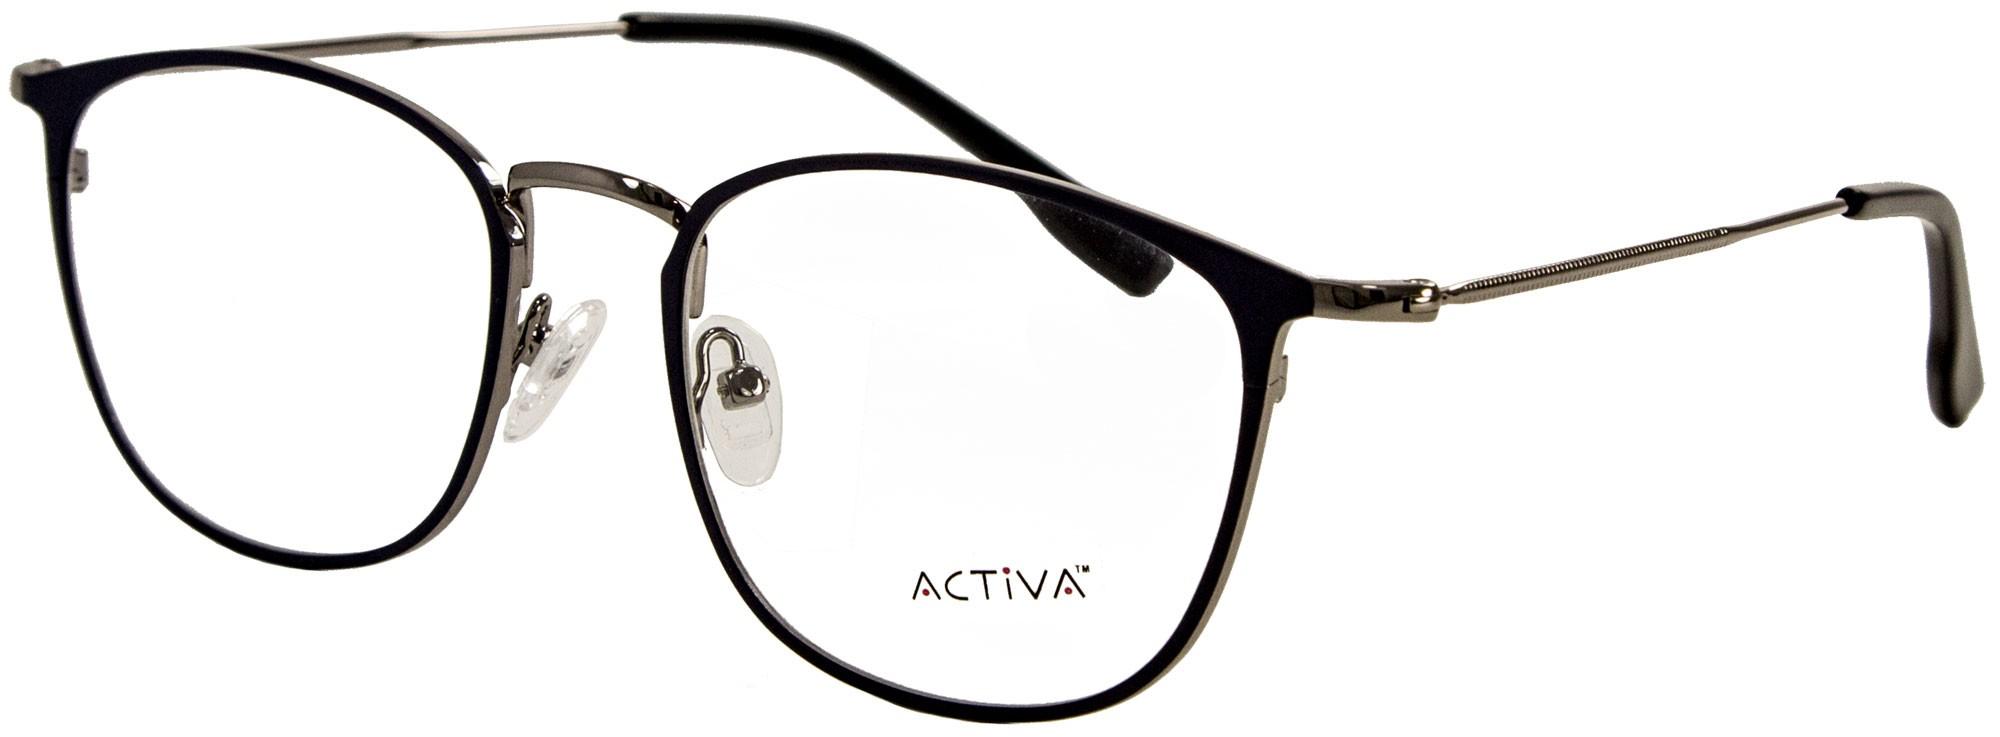 Activa 9624 C3 2 2